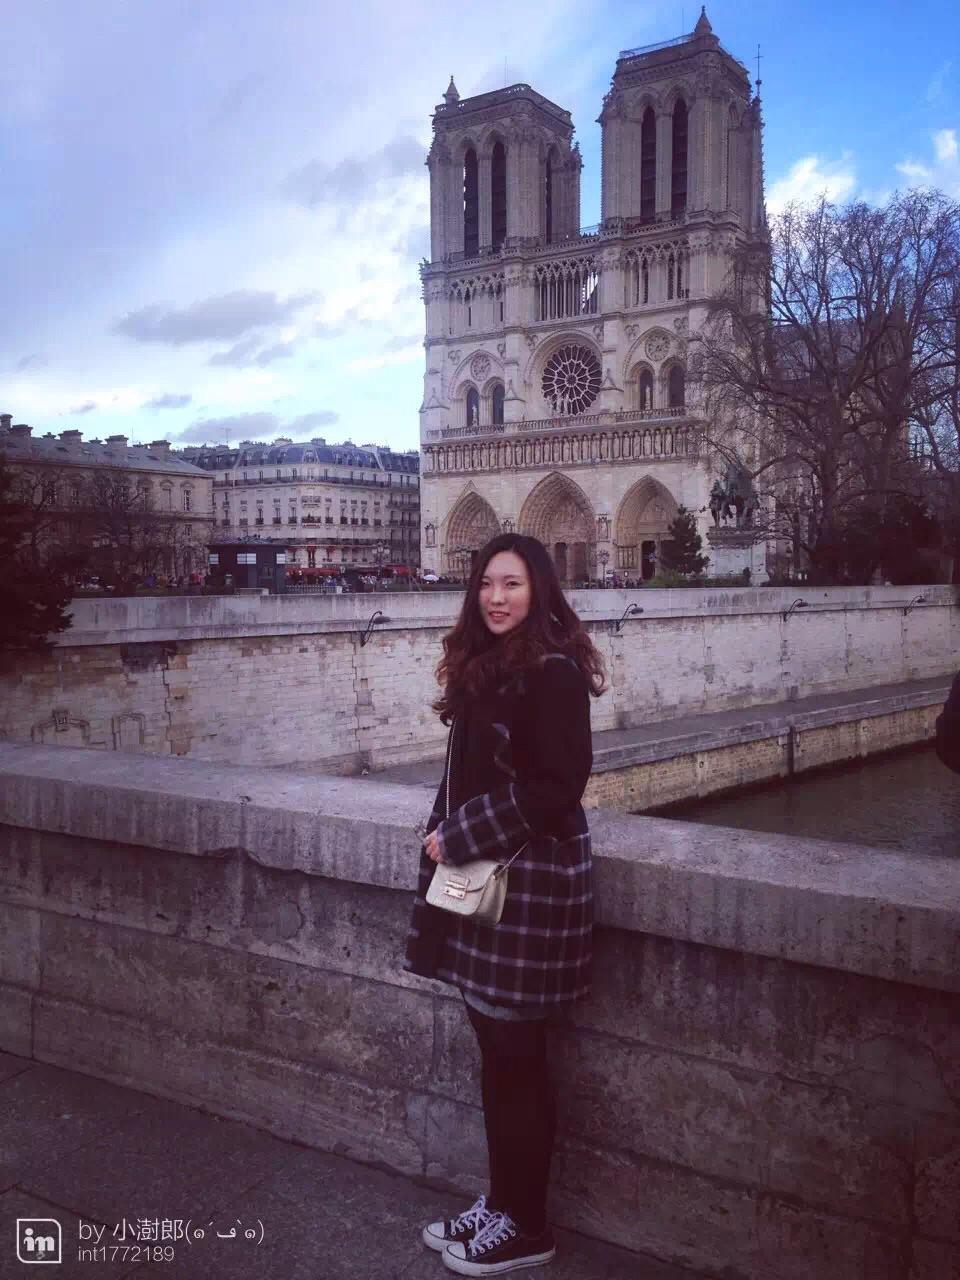 15年12月 我还是一个标准的巴黎游客